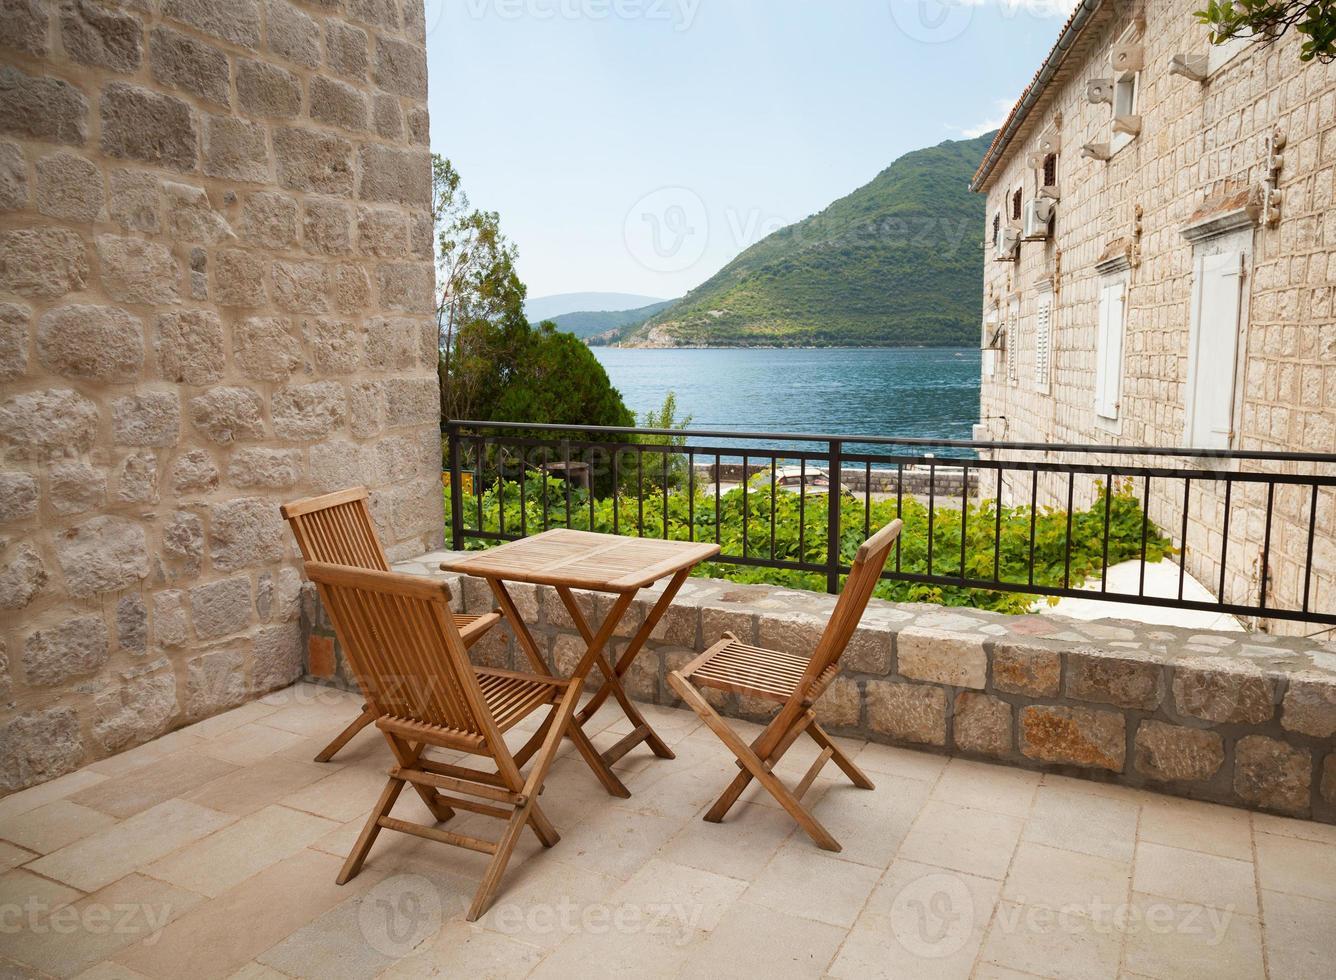 Holzstühle und Tisch auf offener Terrasse am Meer foto